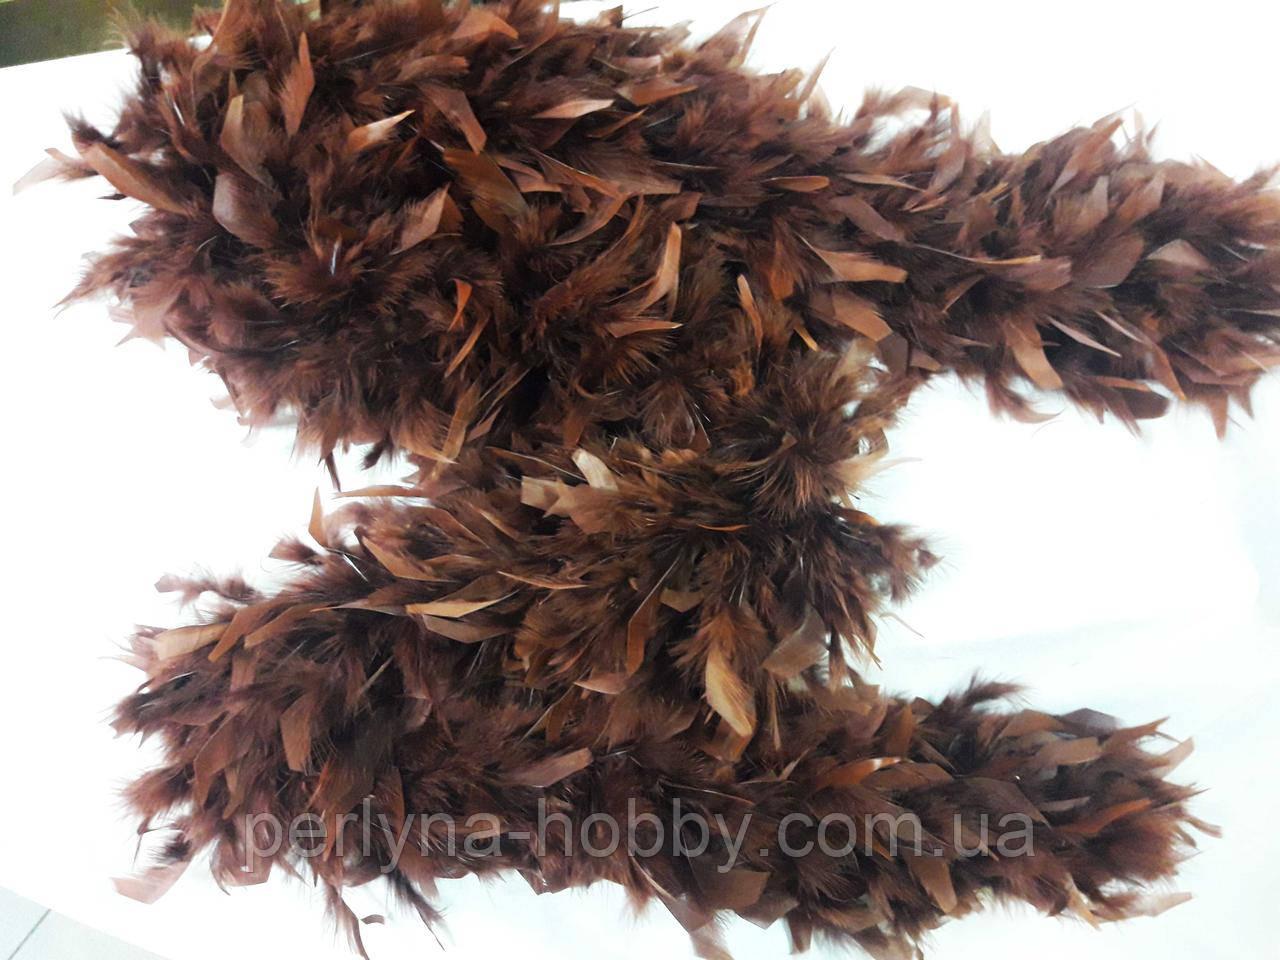 Боа 1,8 м 70 грам, коричневий Боа карнавальное перьевое